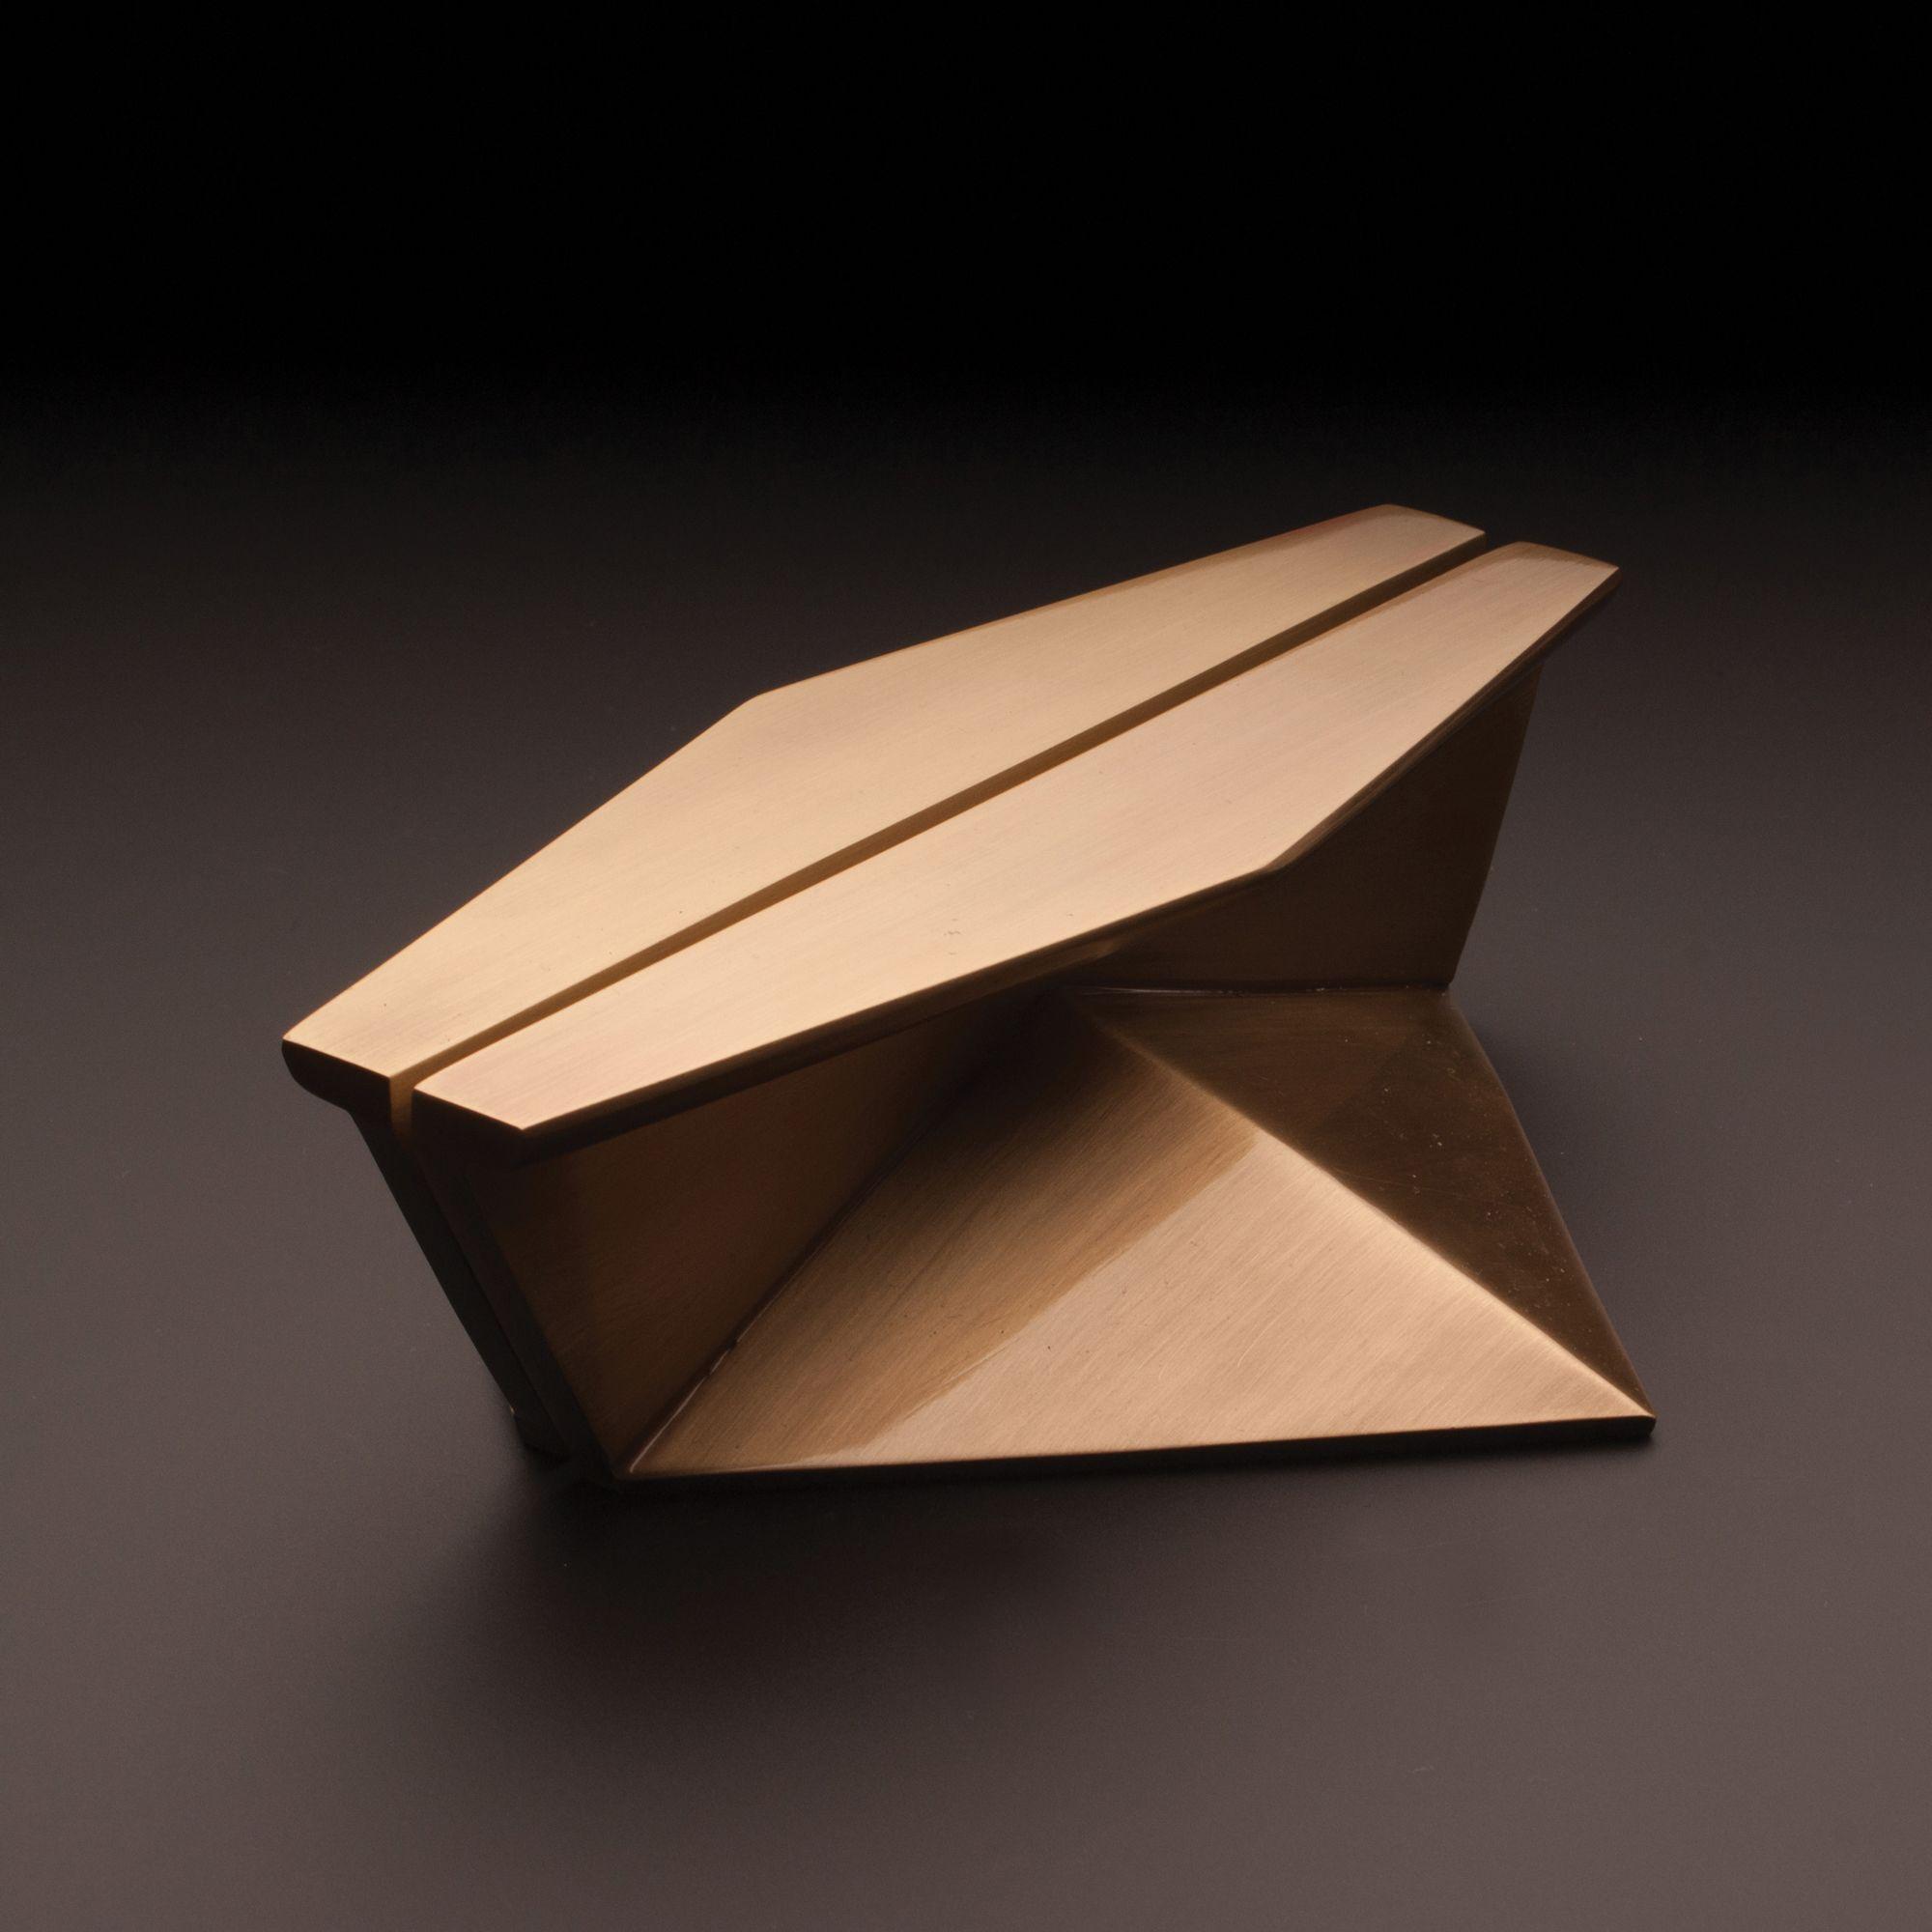 Pembrooke & Ives Drawer Pull | Design, Drawer pulls, Hardware